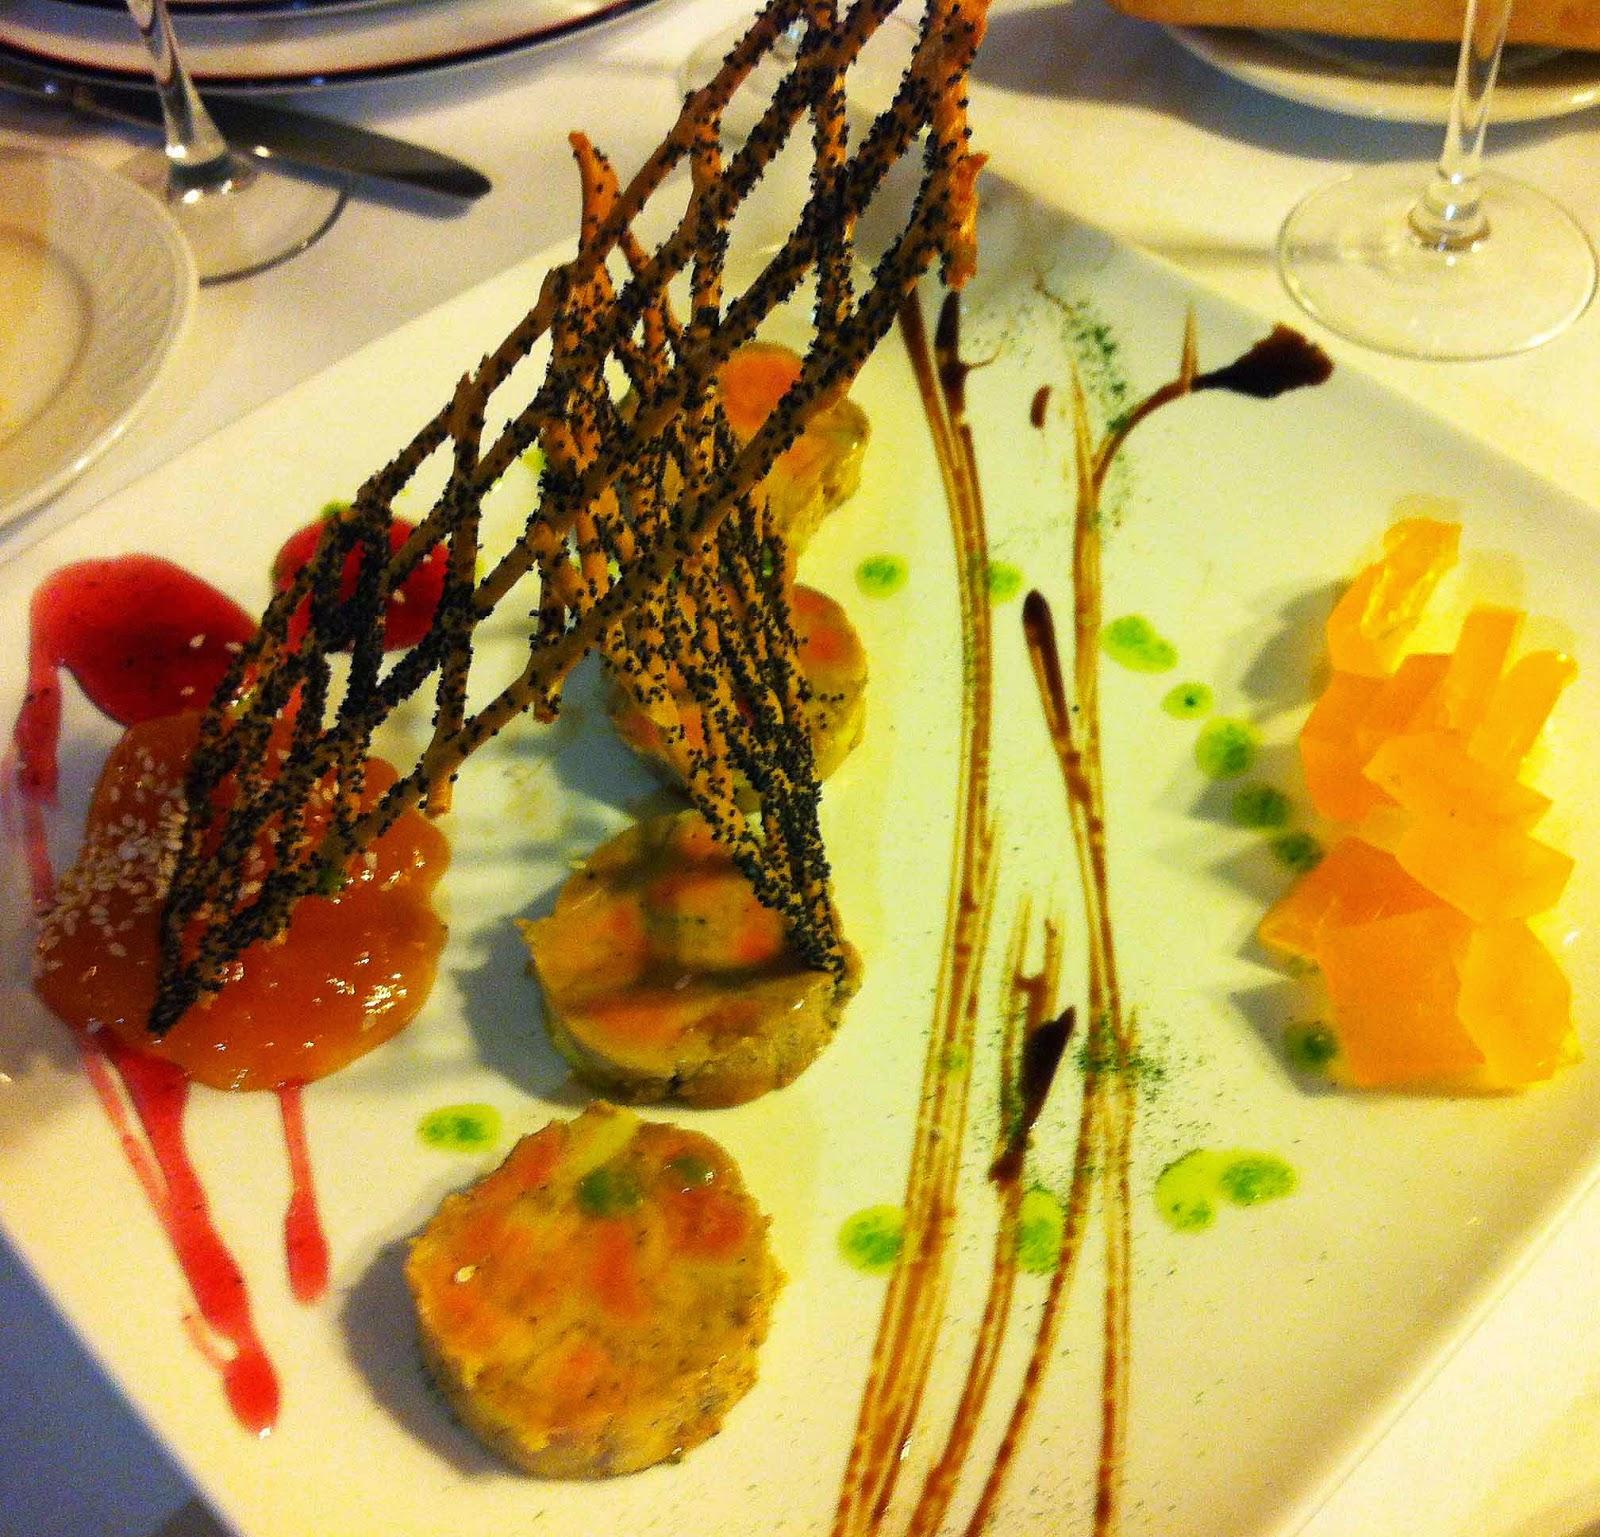 Restaurante-Farketa56-Bilbao-Micuit